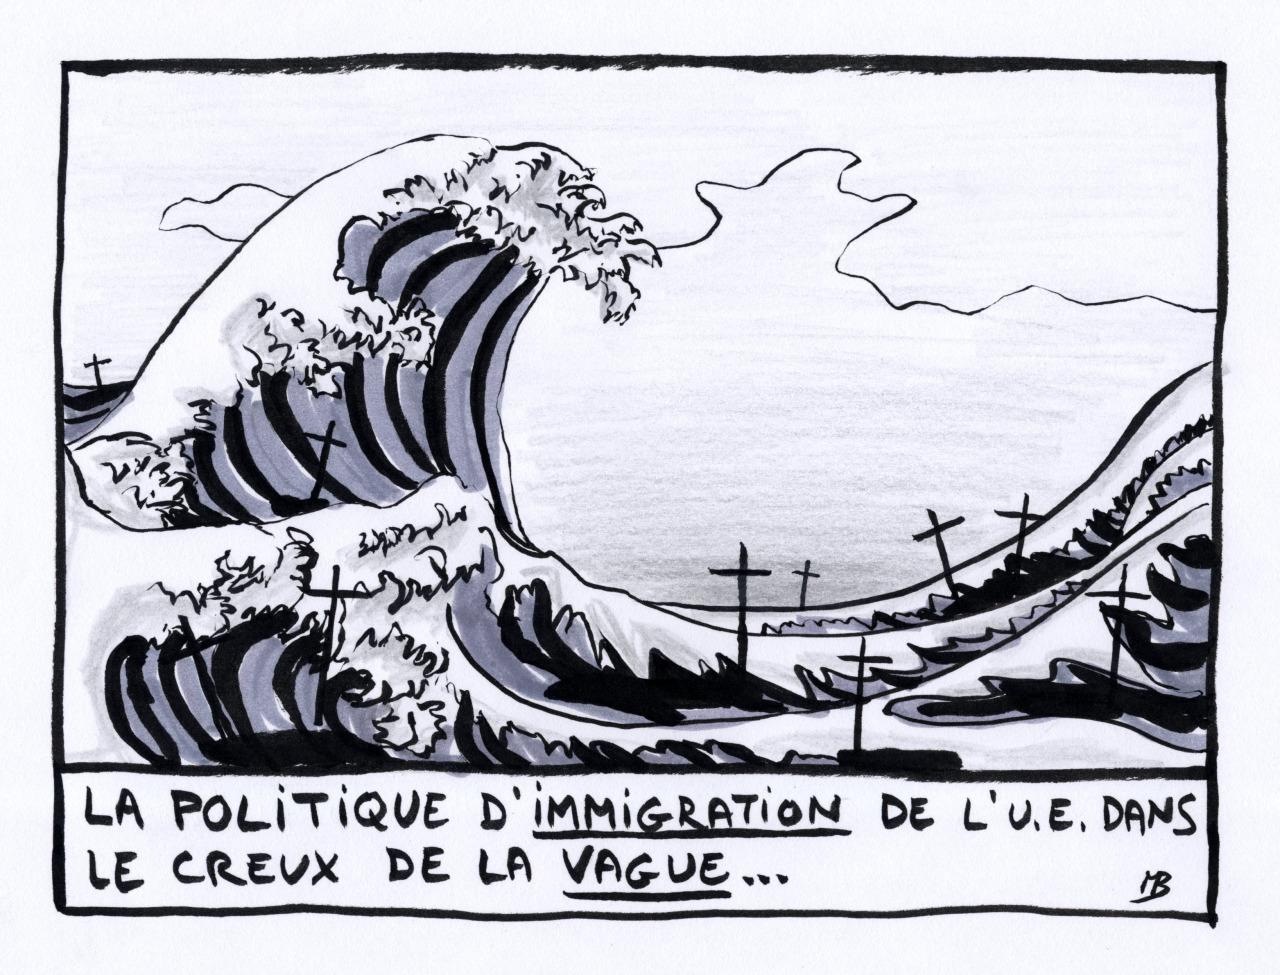 immigration creux vague dessin